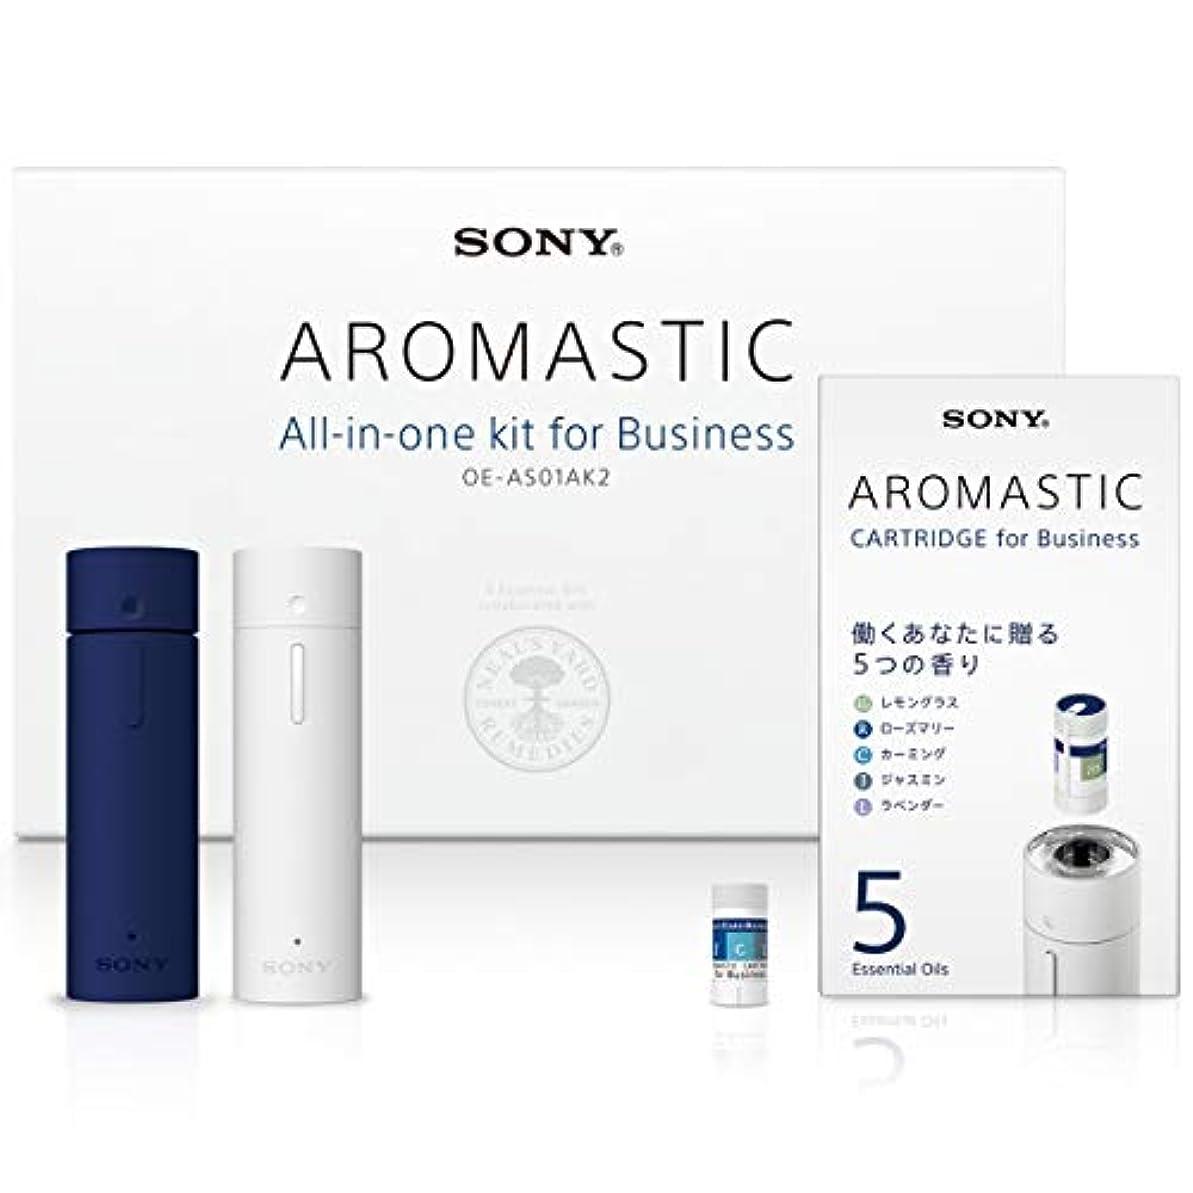 ガチョウダイバー指定するAROMASTIC All-in-one kit for Business (オールインワンキット for Business) OE-AS01AK2